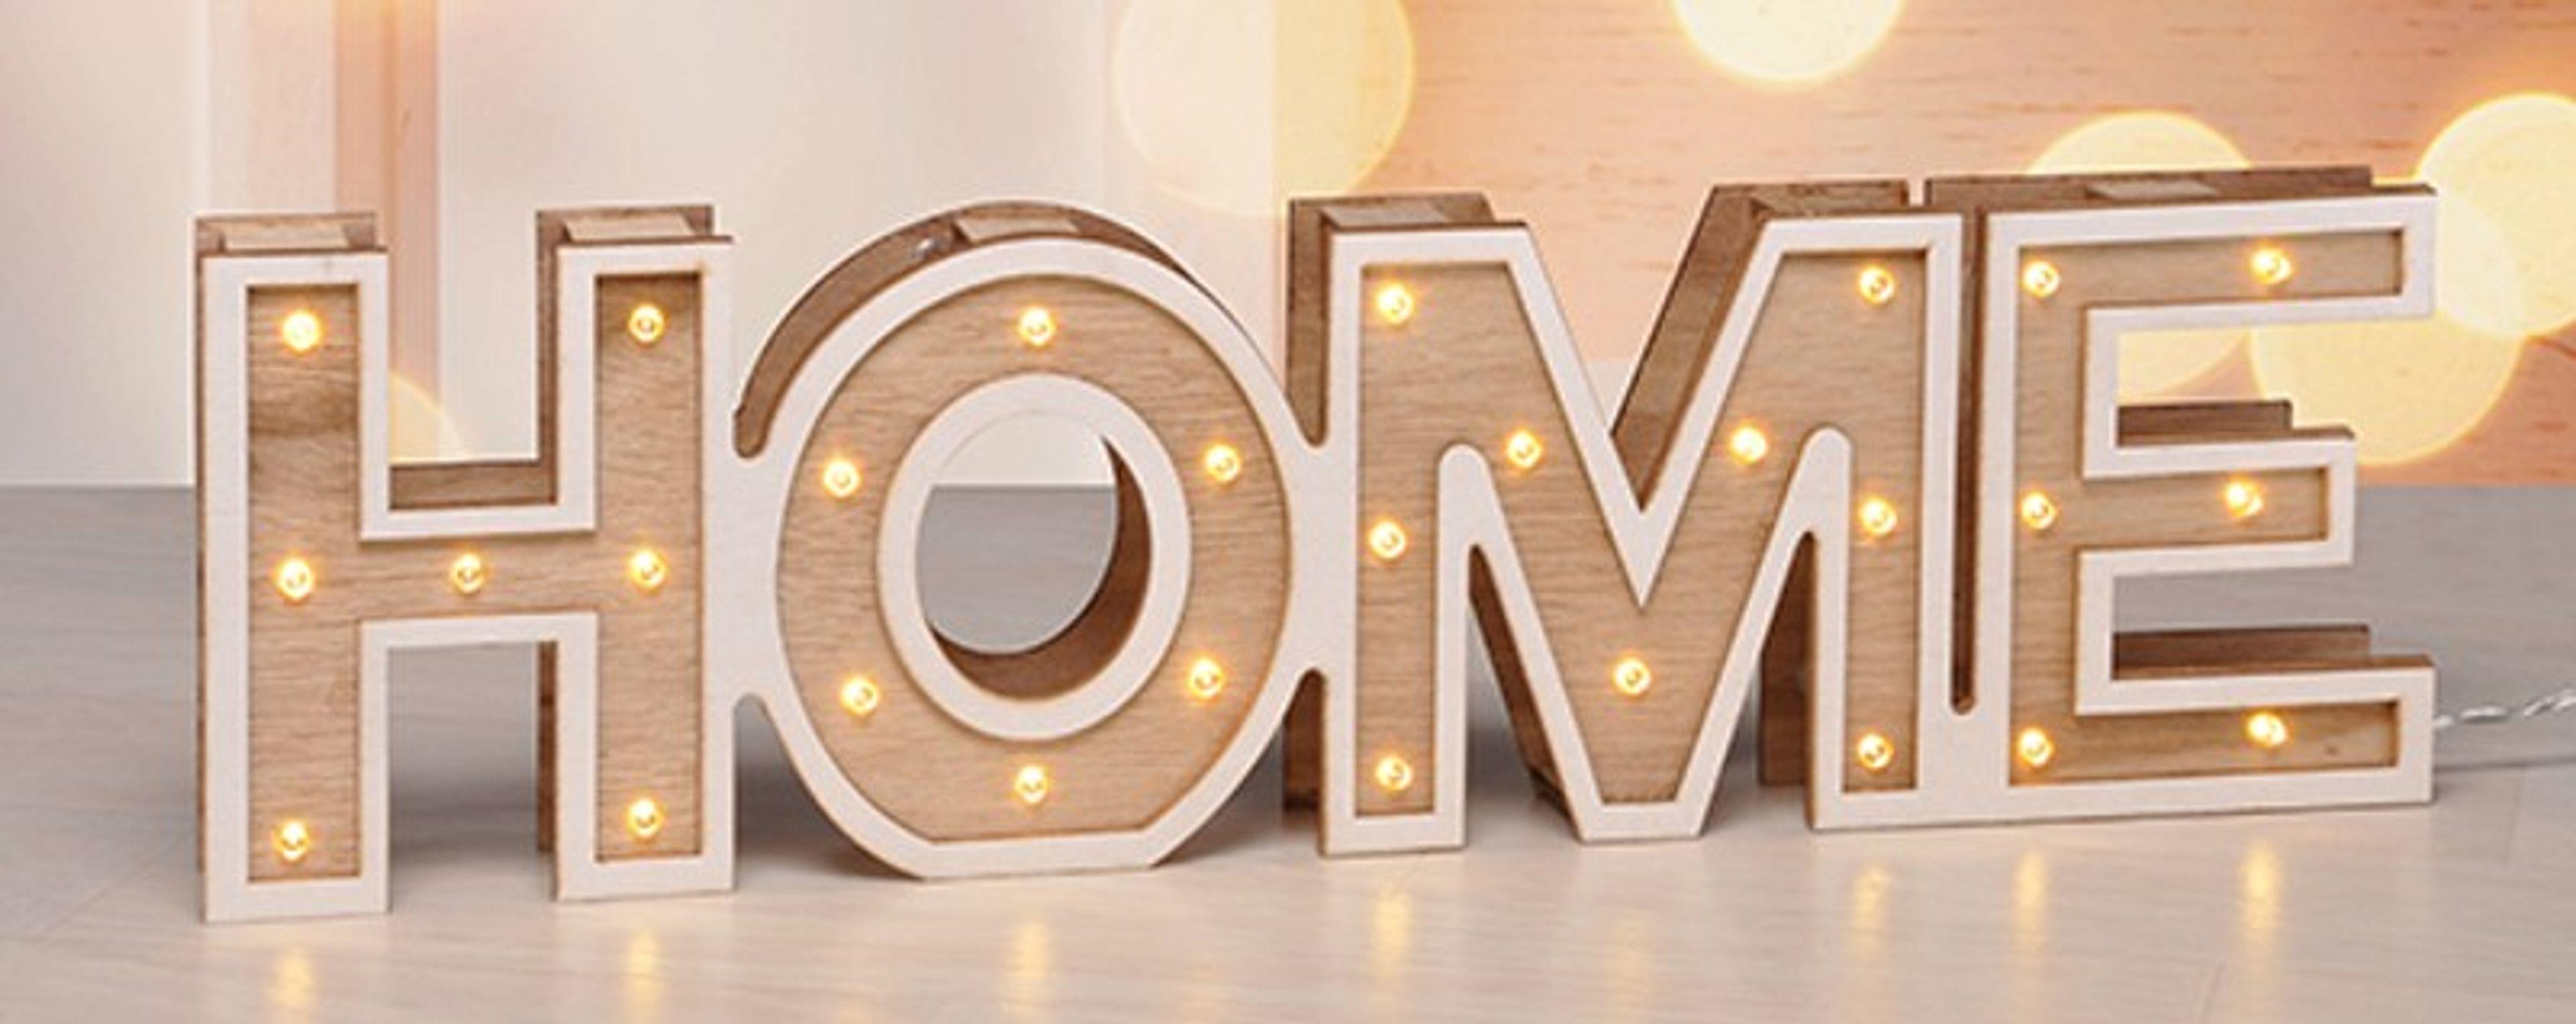 LED Deko Licht Home Love Beleuchtung Dekoleuchte Schriftzug ...